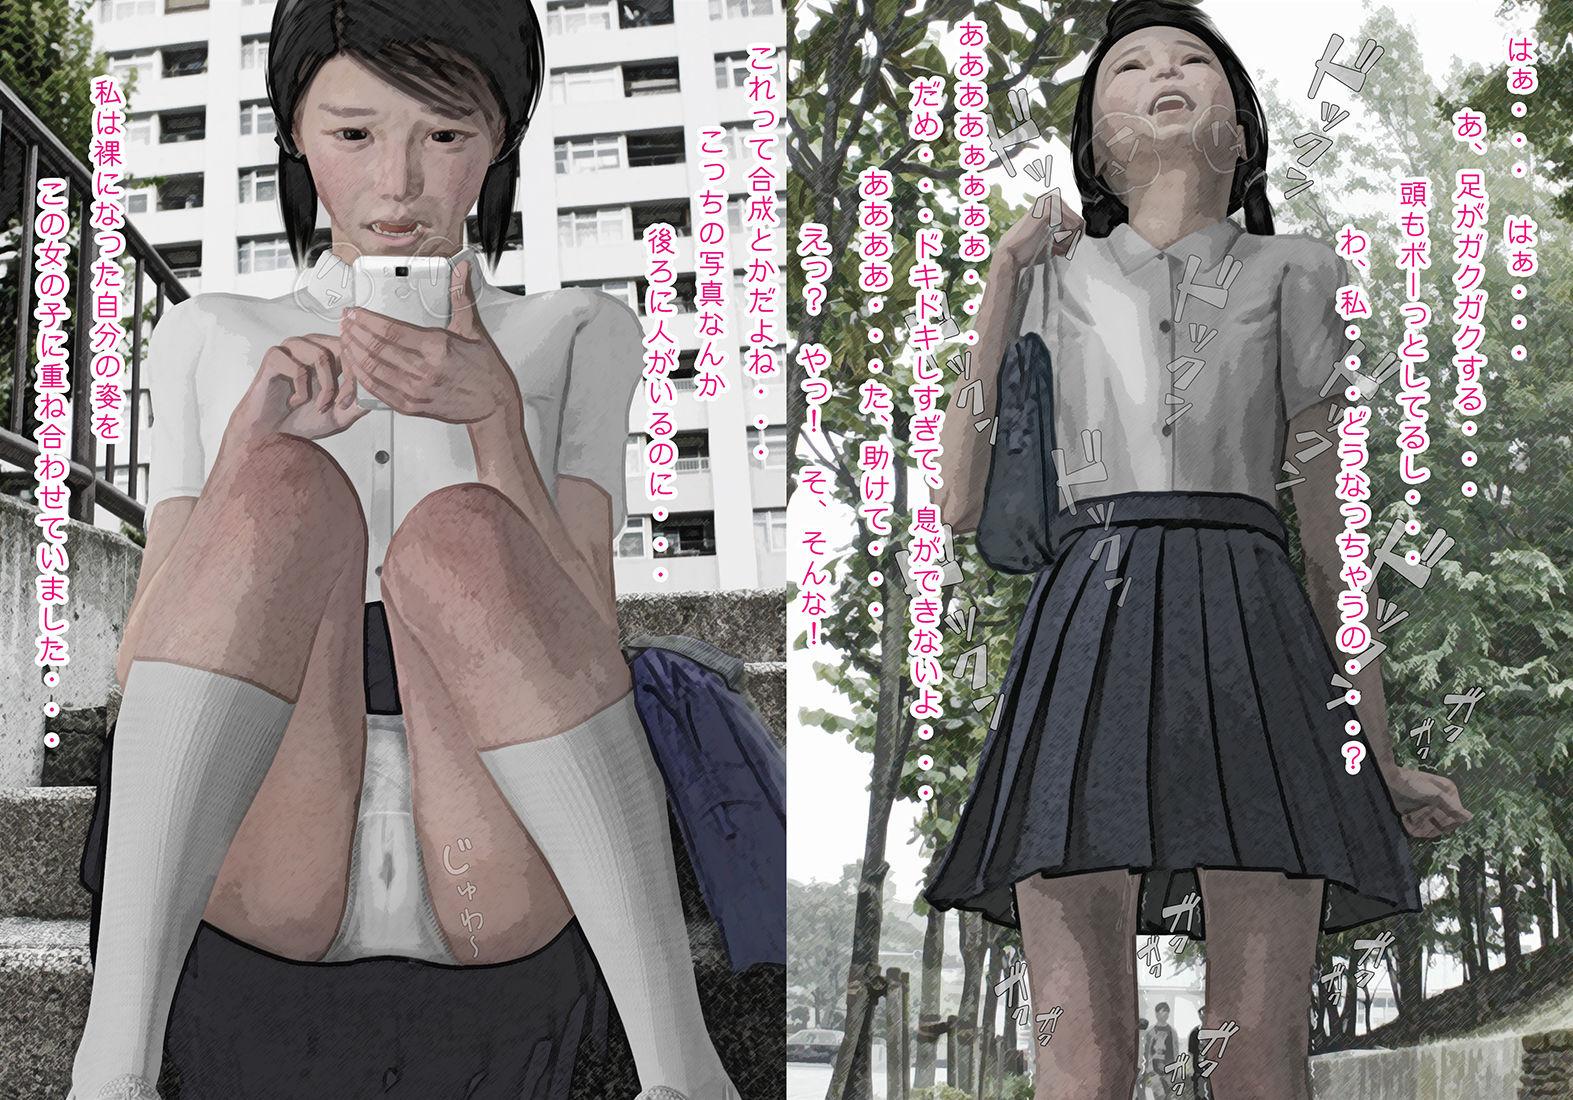 同人ガール:[同人]「露出癖 ~露出の魅力に取り憑かれてしまった少女」(東京檸檬)